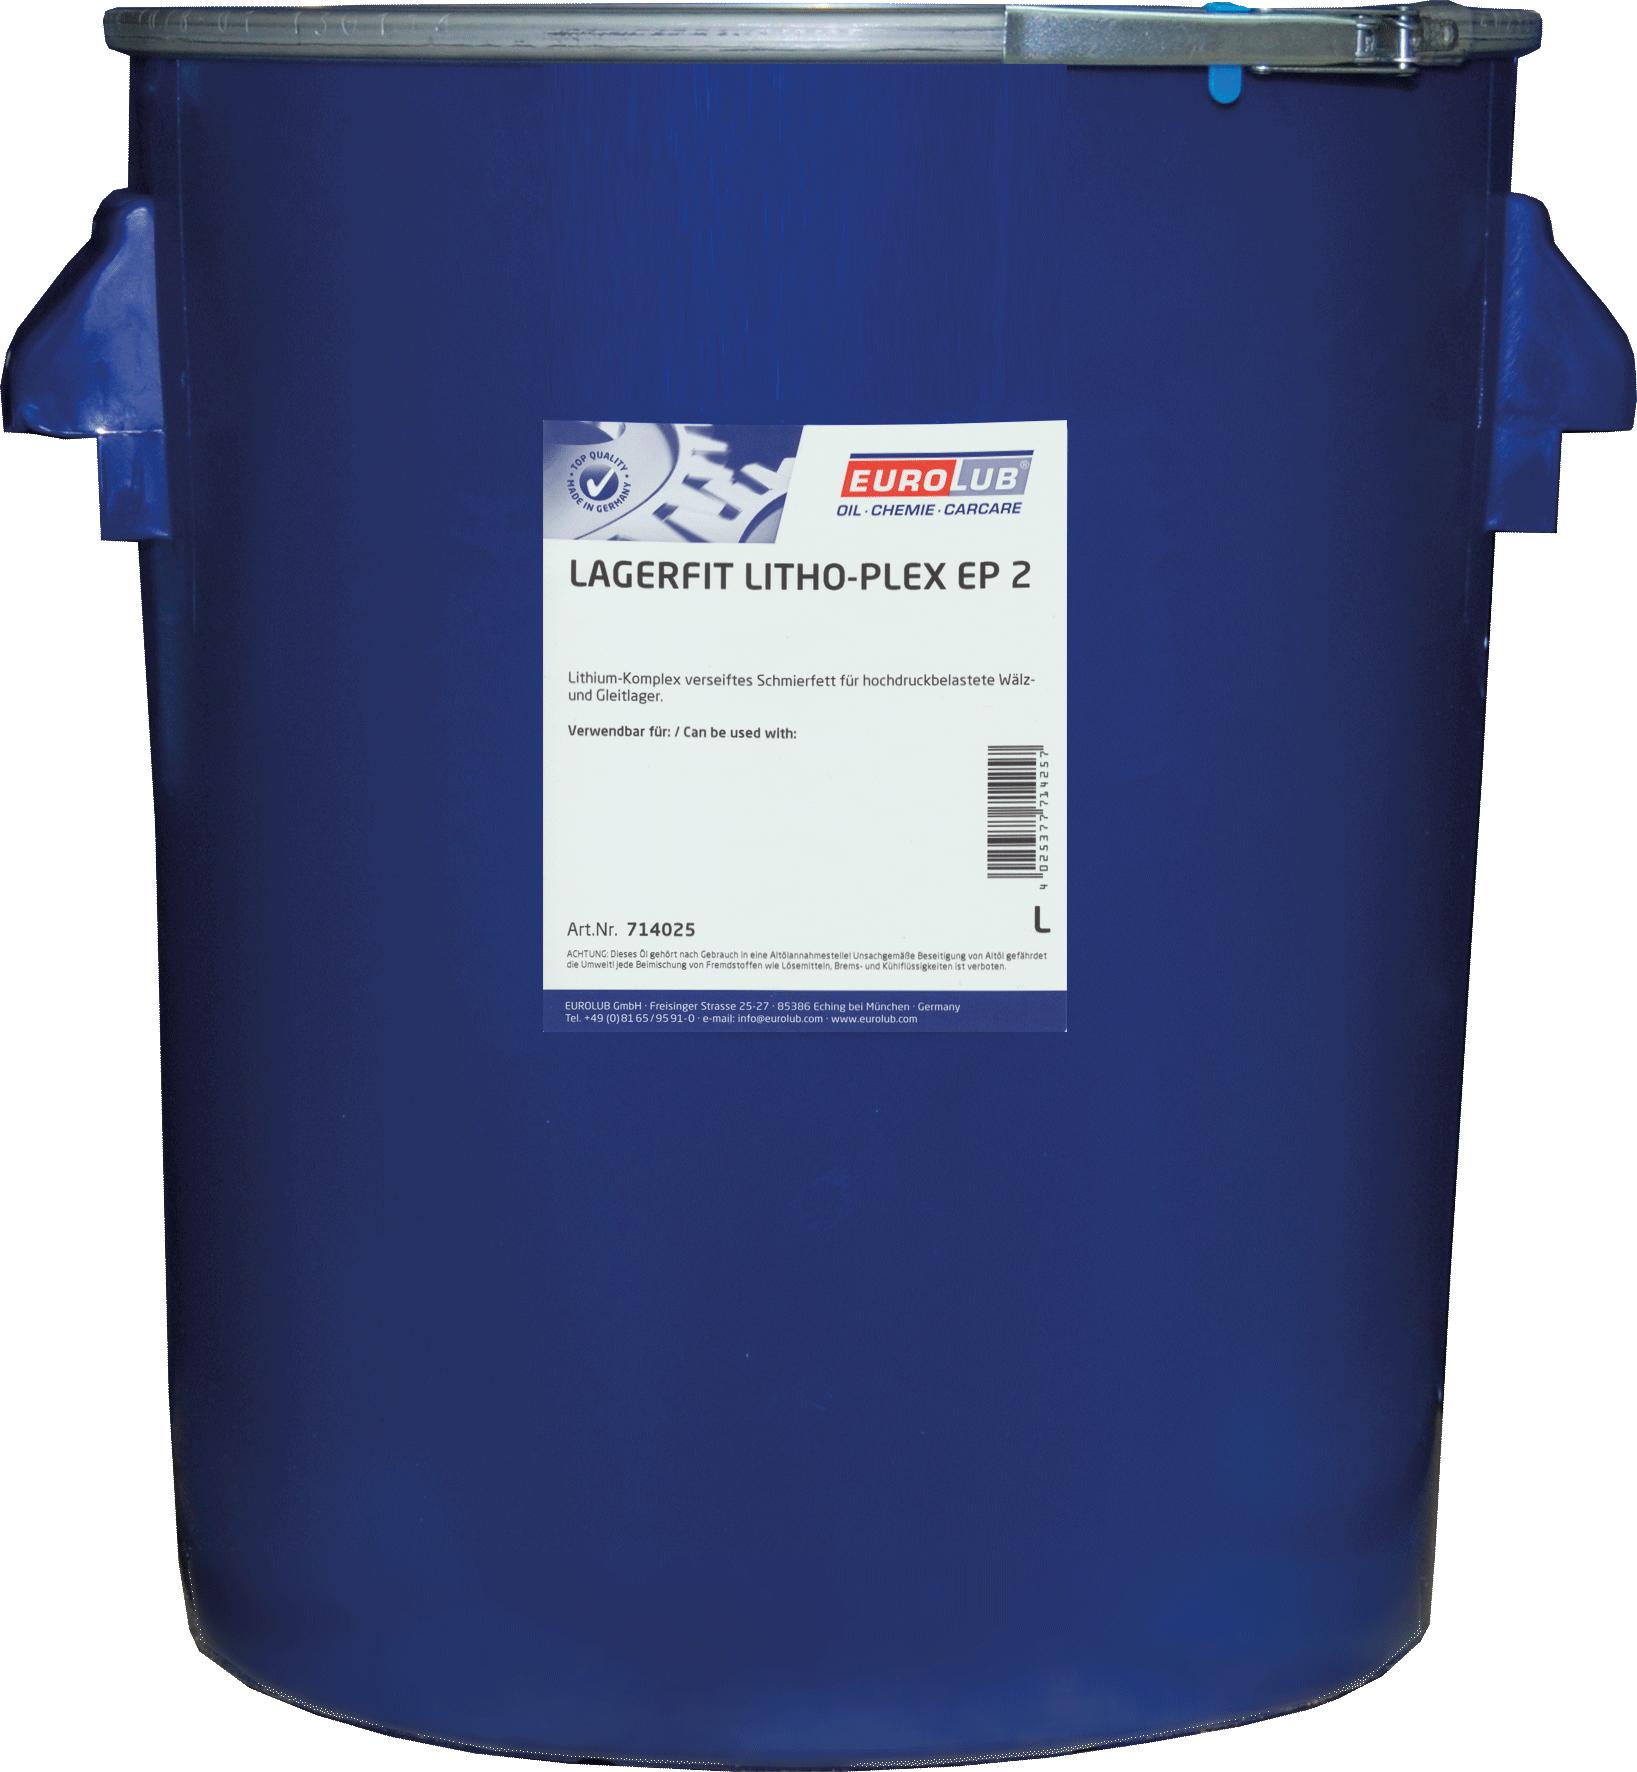 EUROLUB Lagerfit Lithoplex EP 2 (літієве мастило, c повишеною робочою температурою)